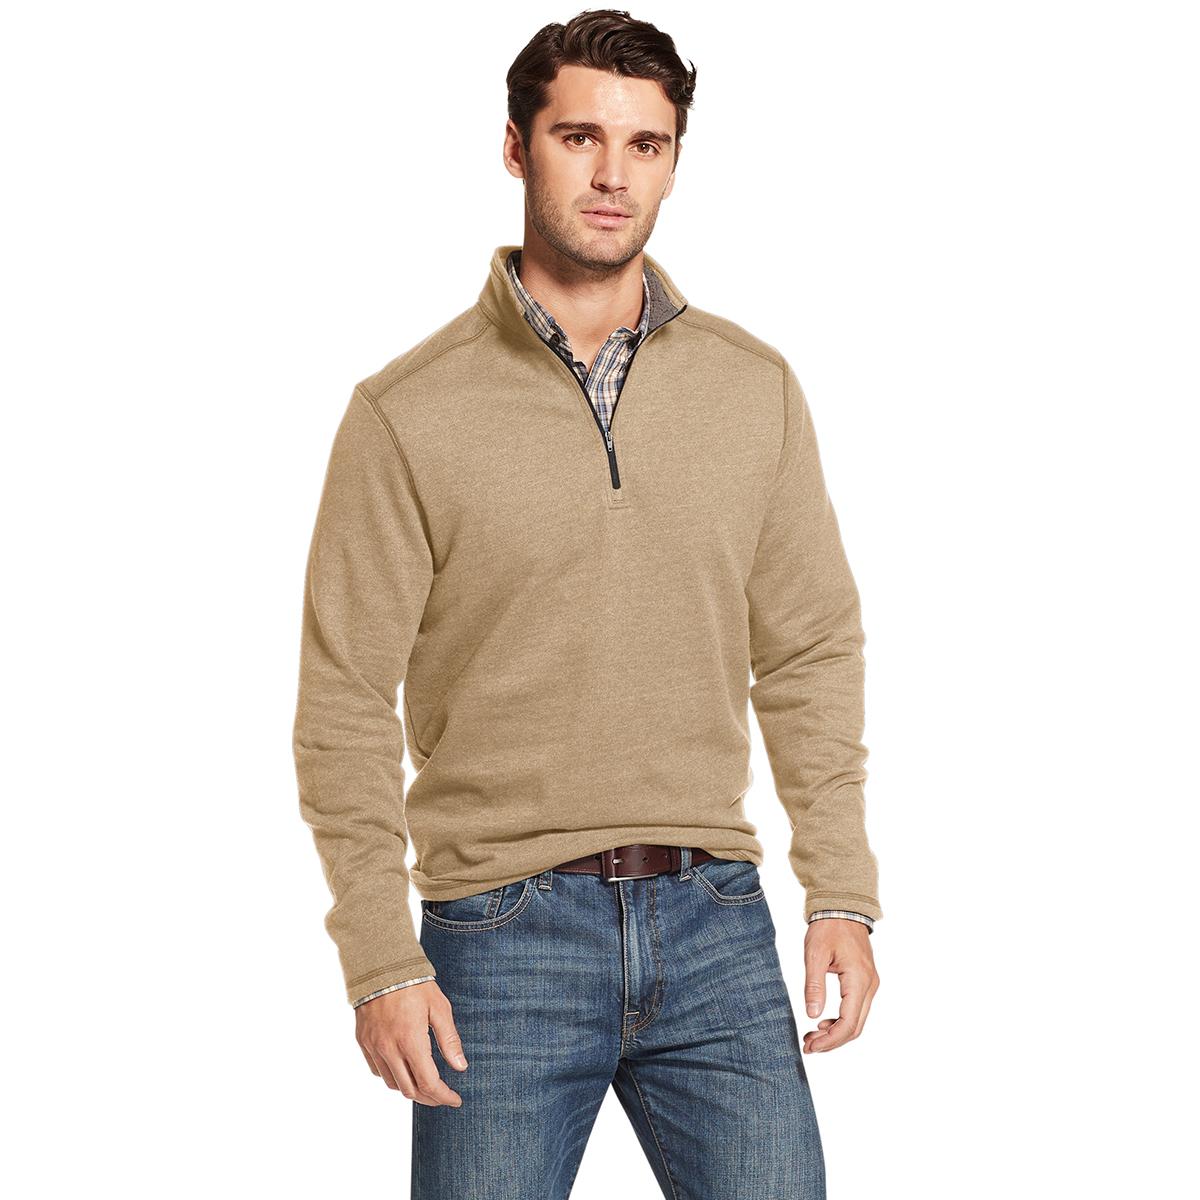 Arrow Men's Long-Sleeve Sueded Fleece 1/4 Zip - Brown, M